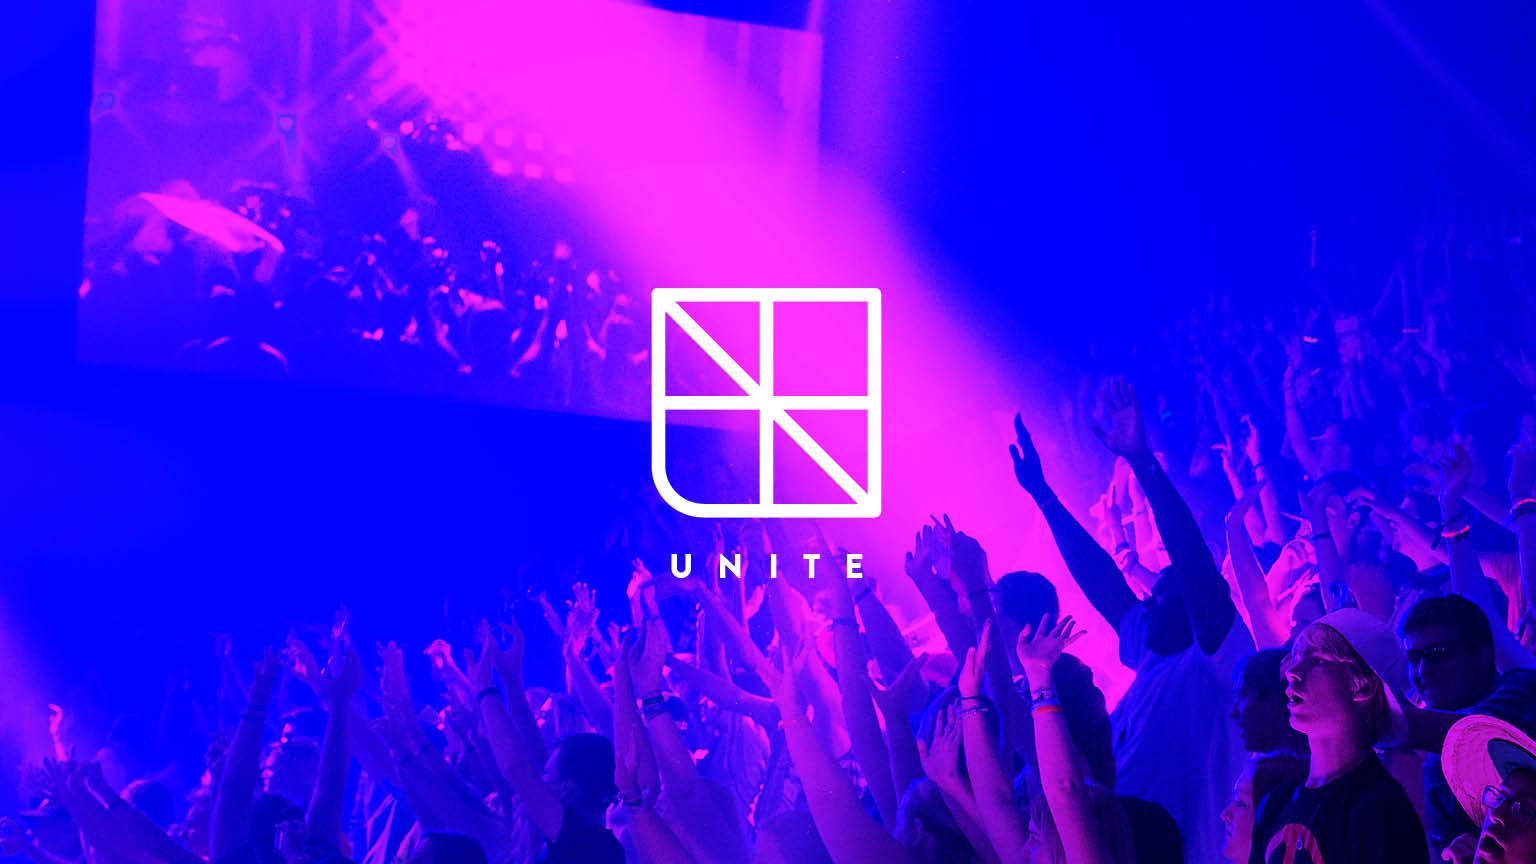 Unitescreengraphic